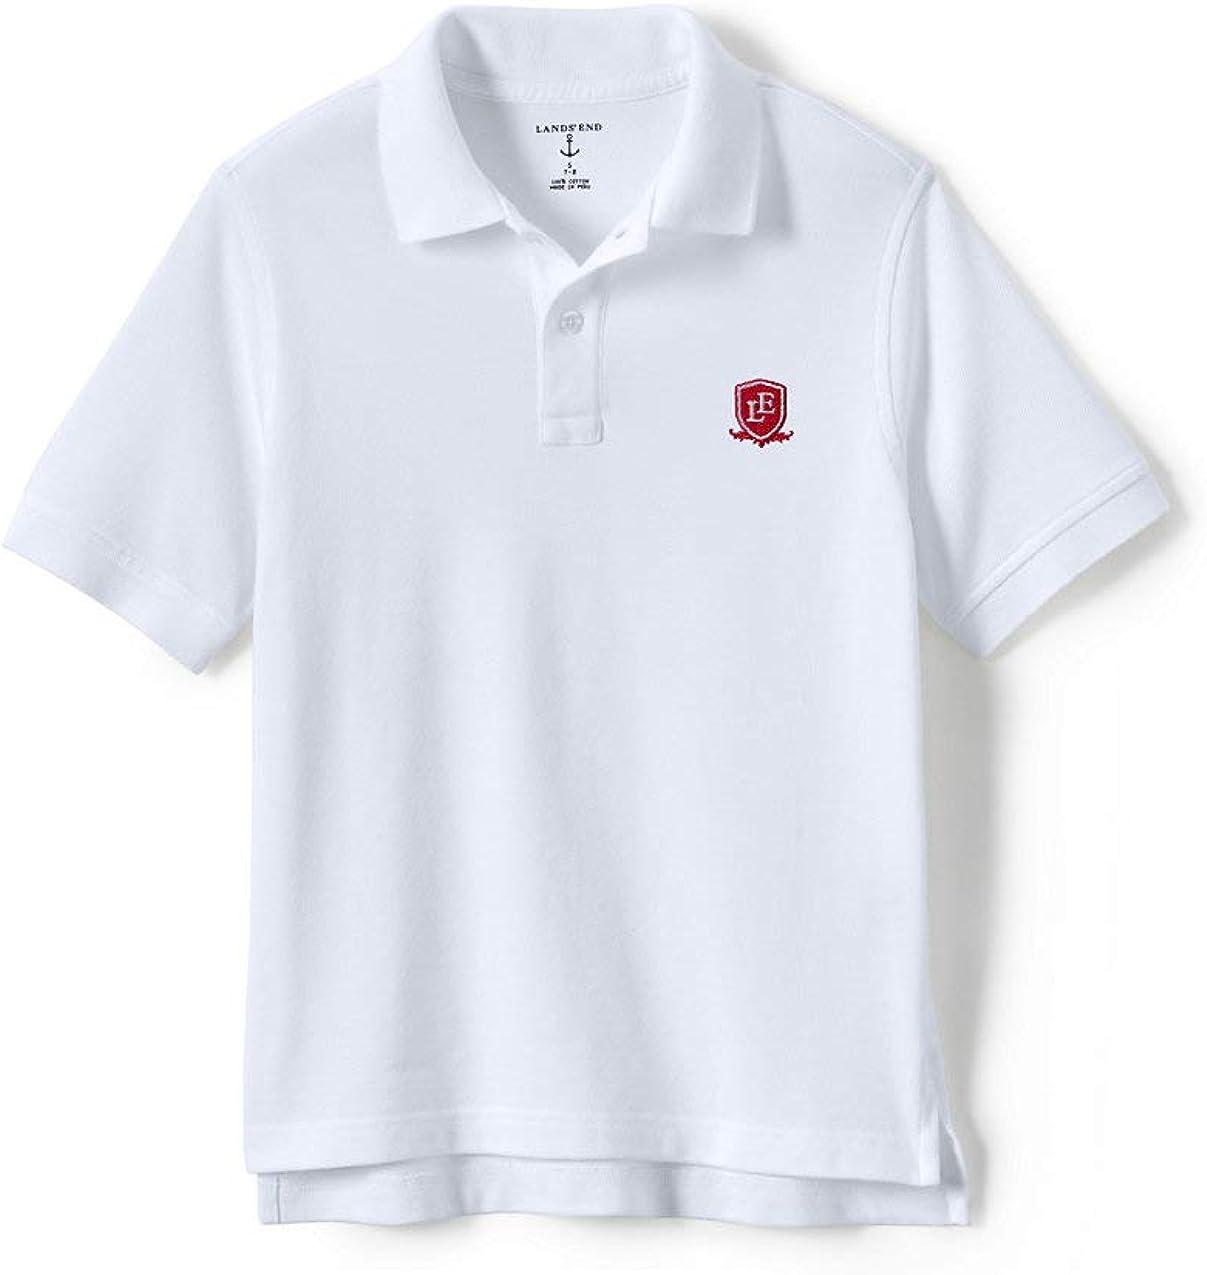 Lands' End School Uniform Little Kids Short Sleeve Mesh Polo Shirt